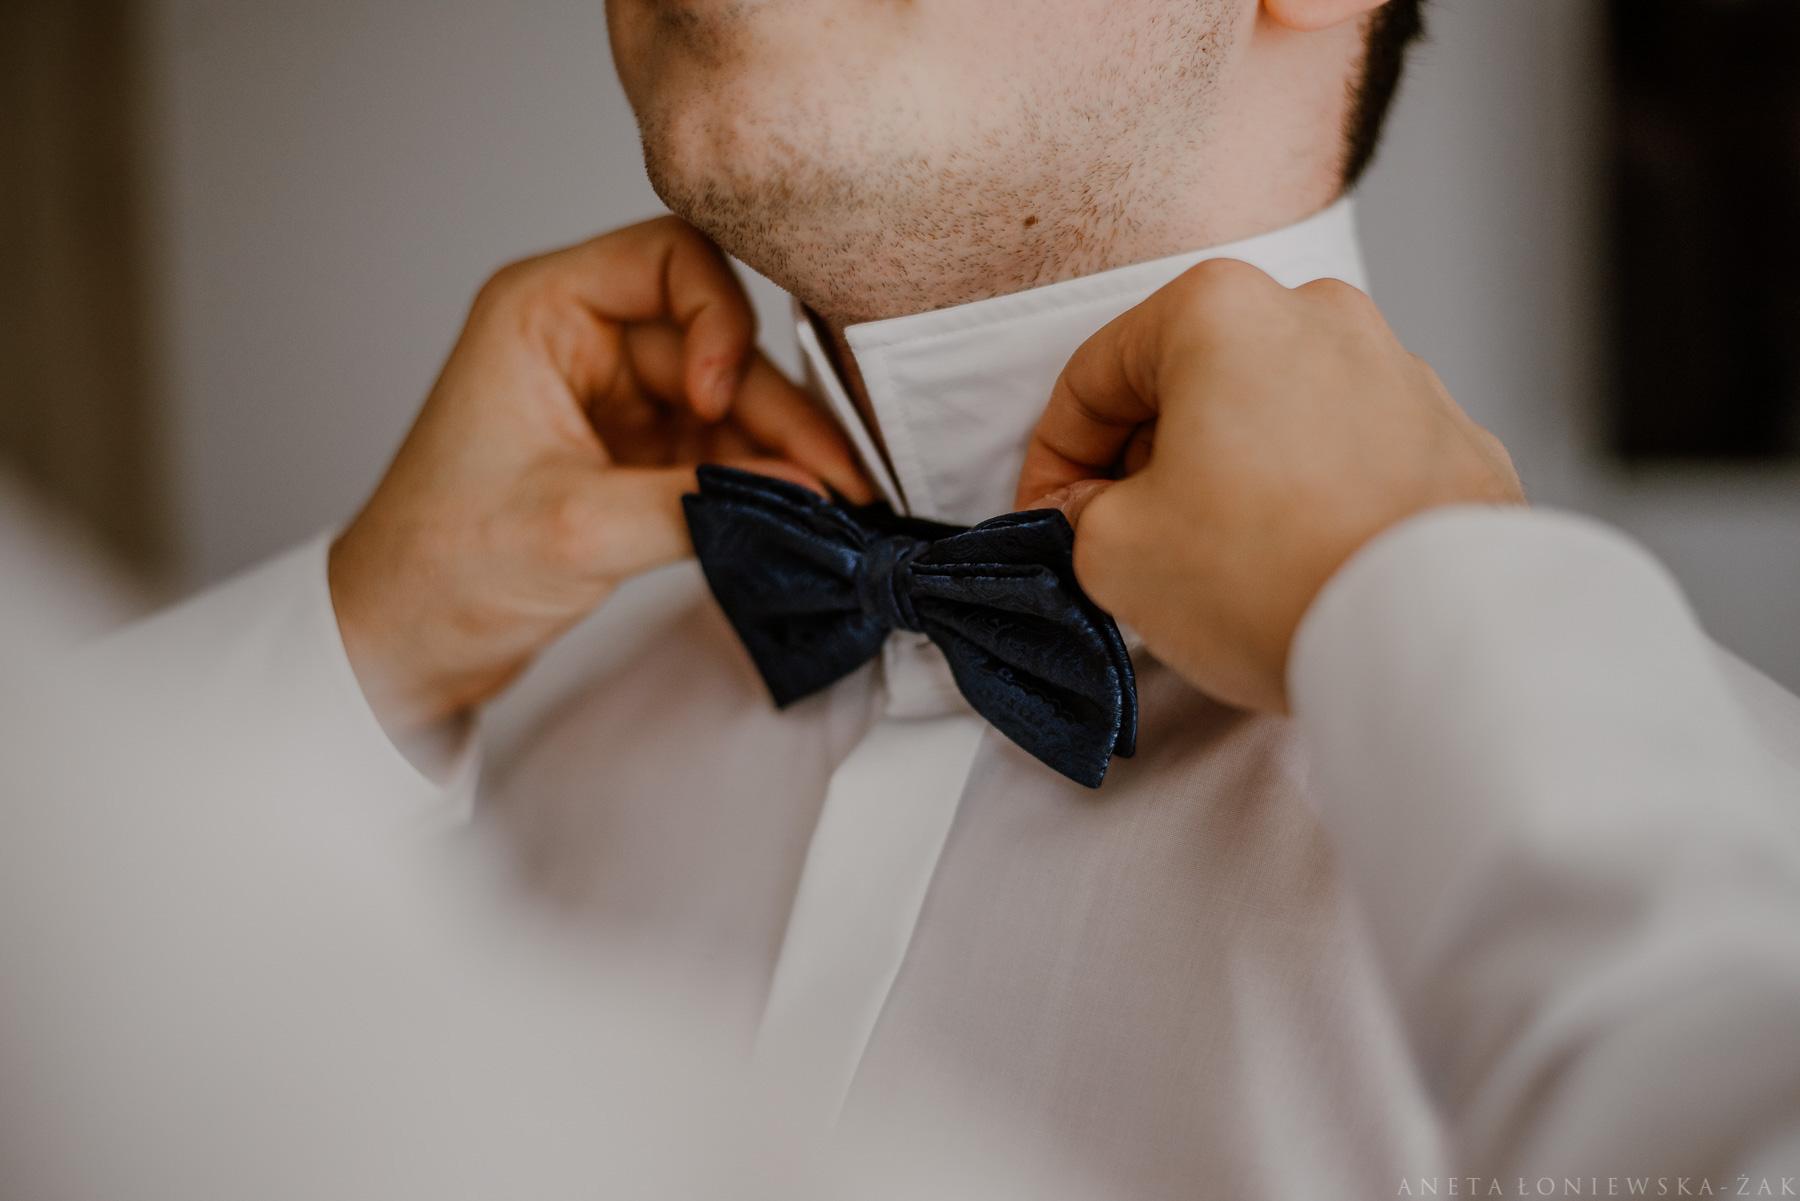 fotograf ślubny Białystok, fotograf ślubny podlaskie, ślub plenerowy podlasie, ślub rustykalny białystok, naturalna fotografia ślubna, zajazd sokołda wesele